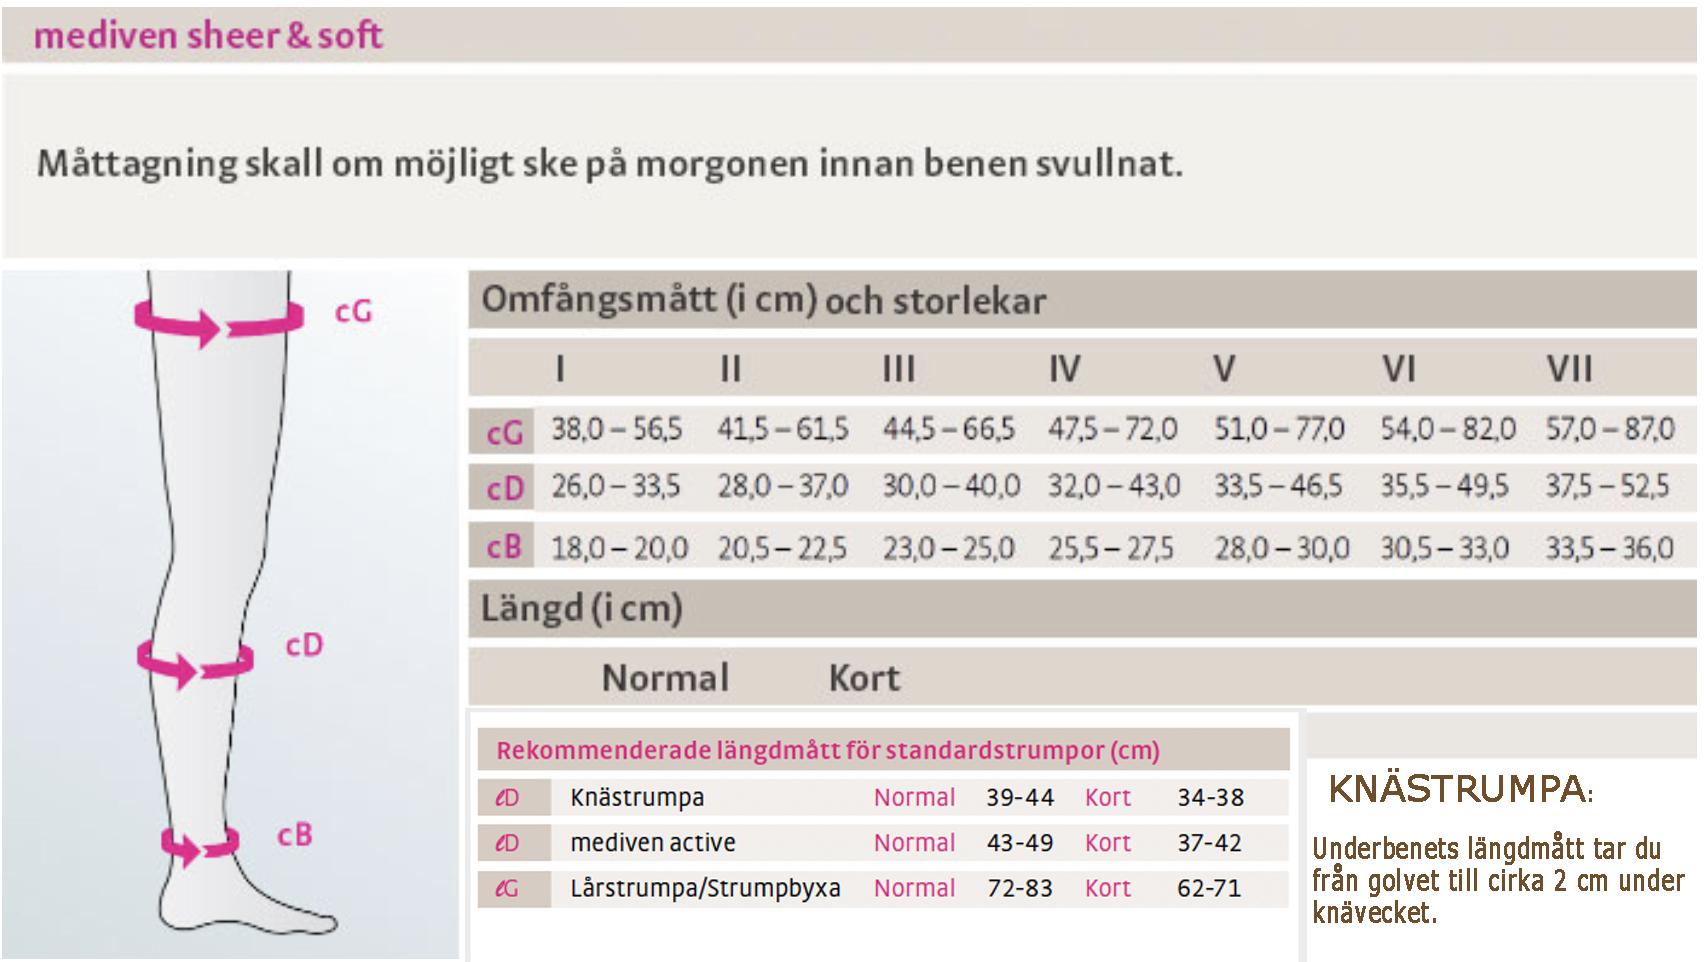 Mediven Sheer&Soft KNÄSTRUMPA